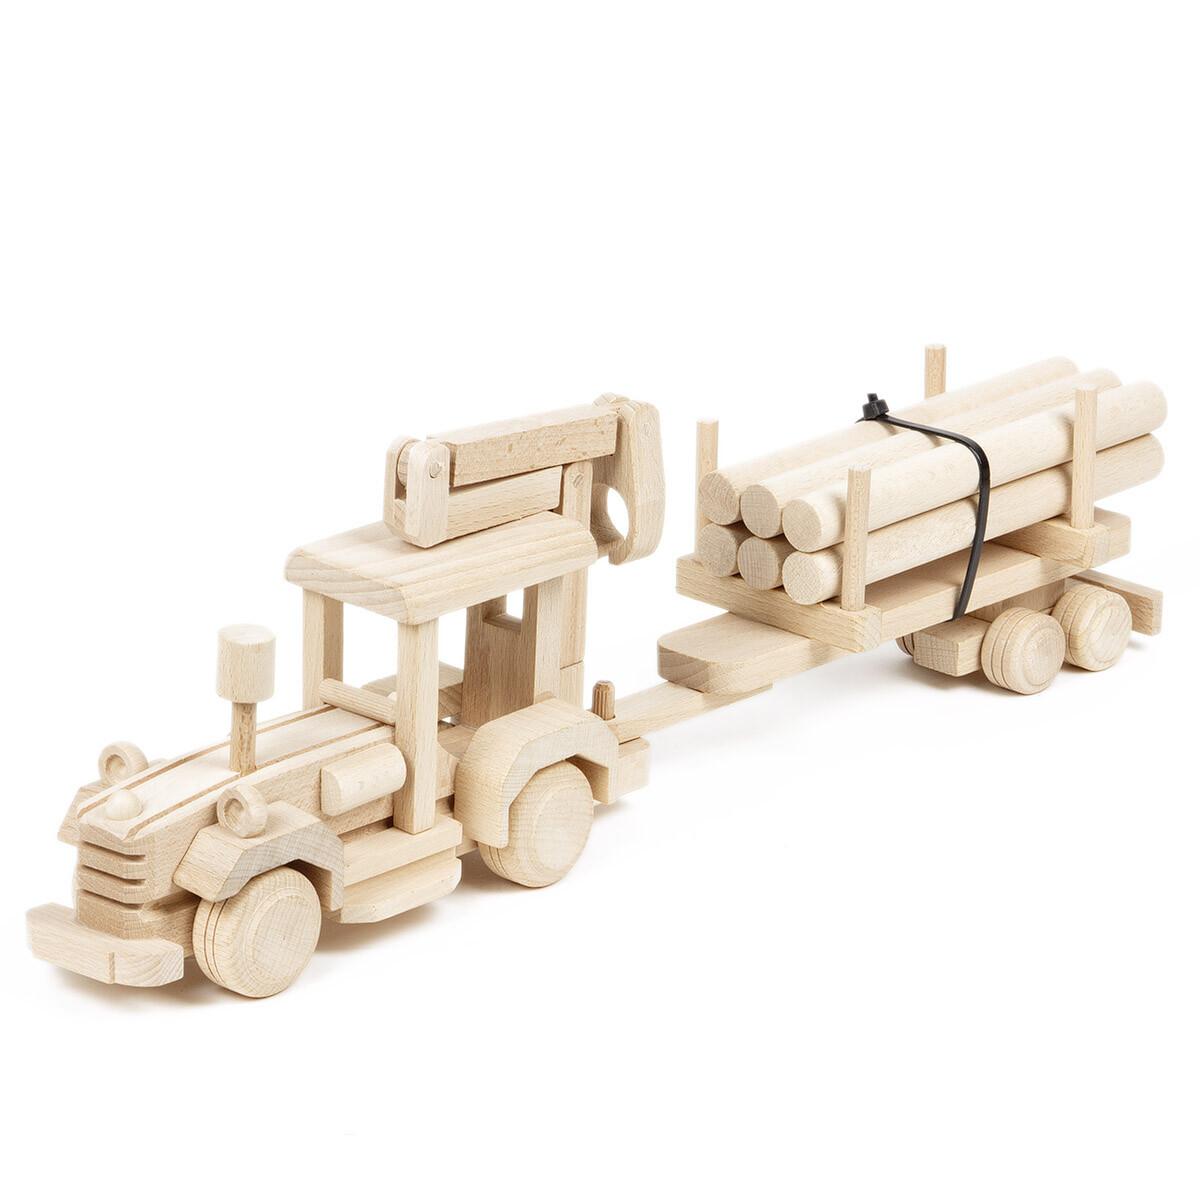 Holz Fahrzeuge Traktor Baggerlader Harvester Frontlader Holzspielzeug